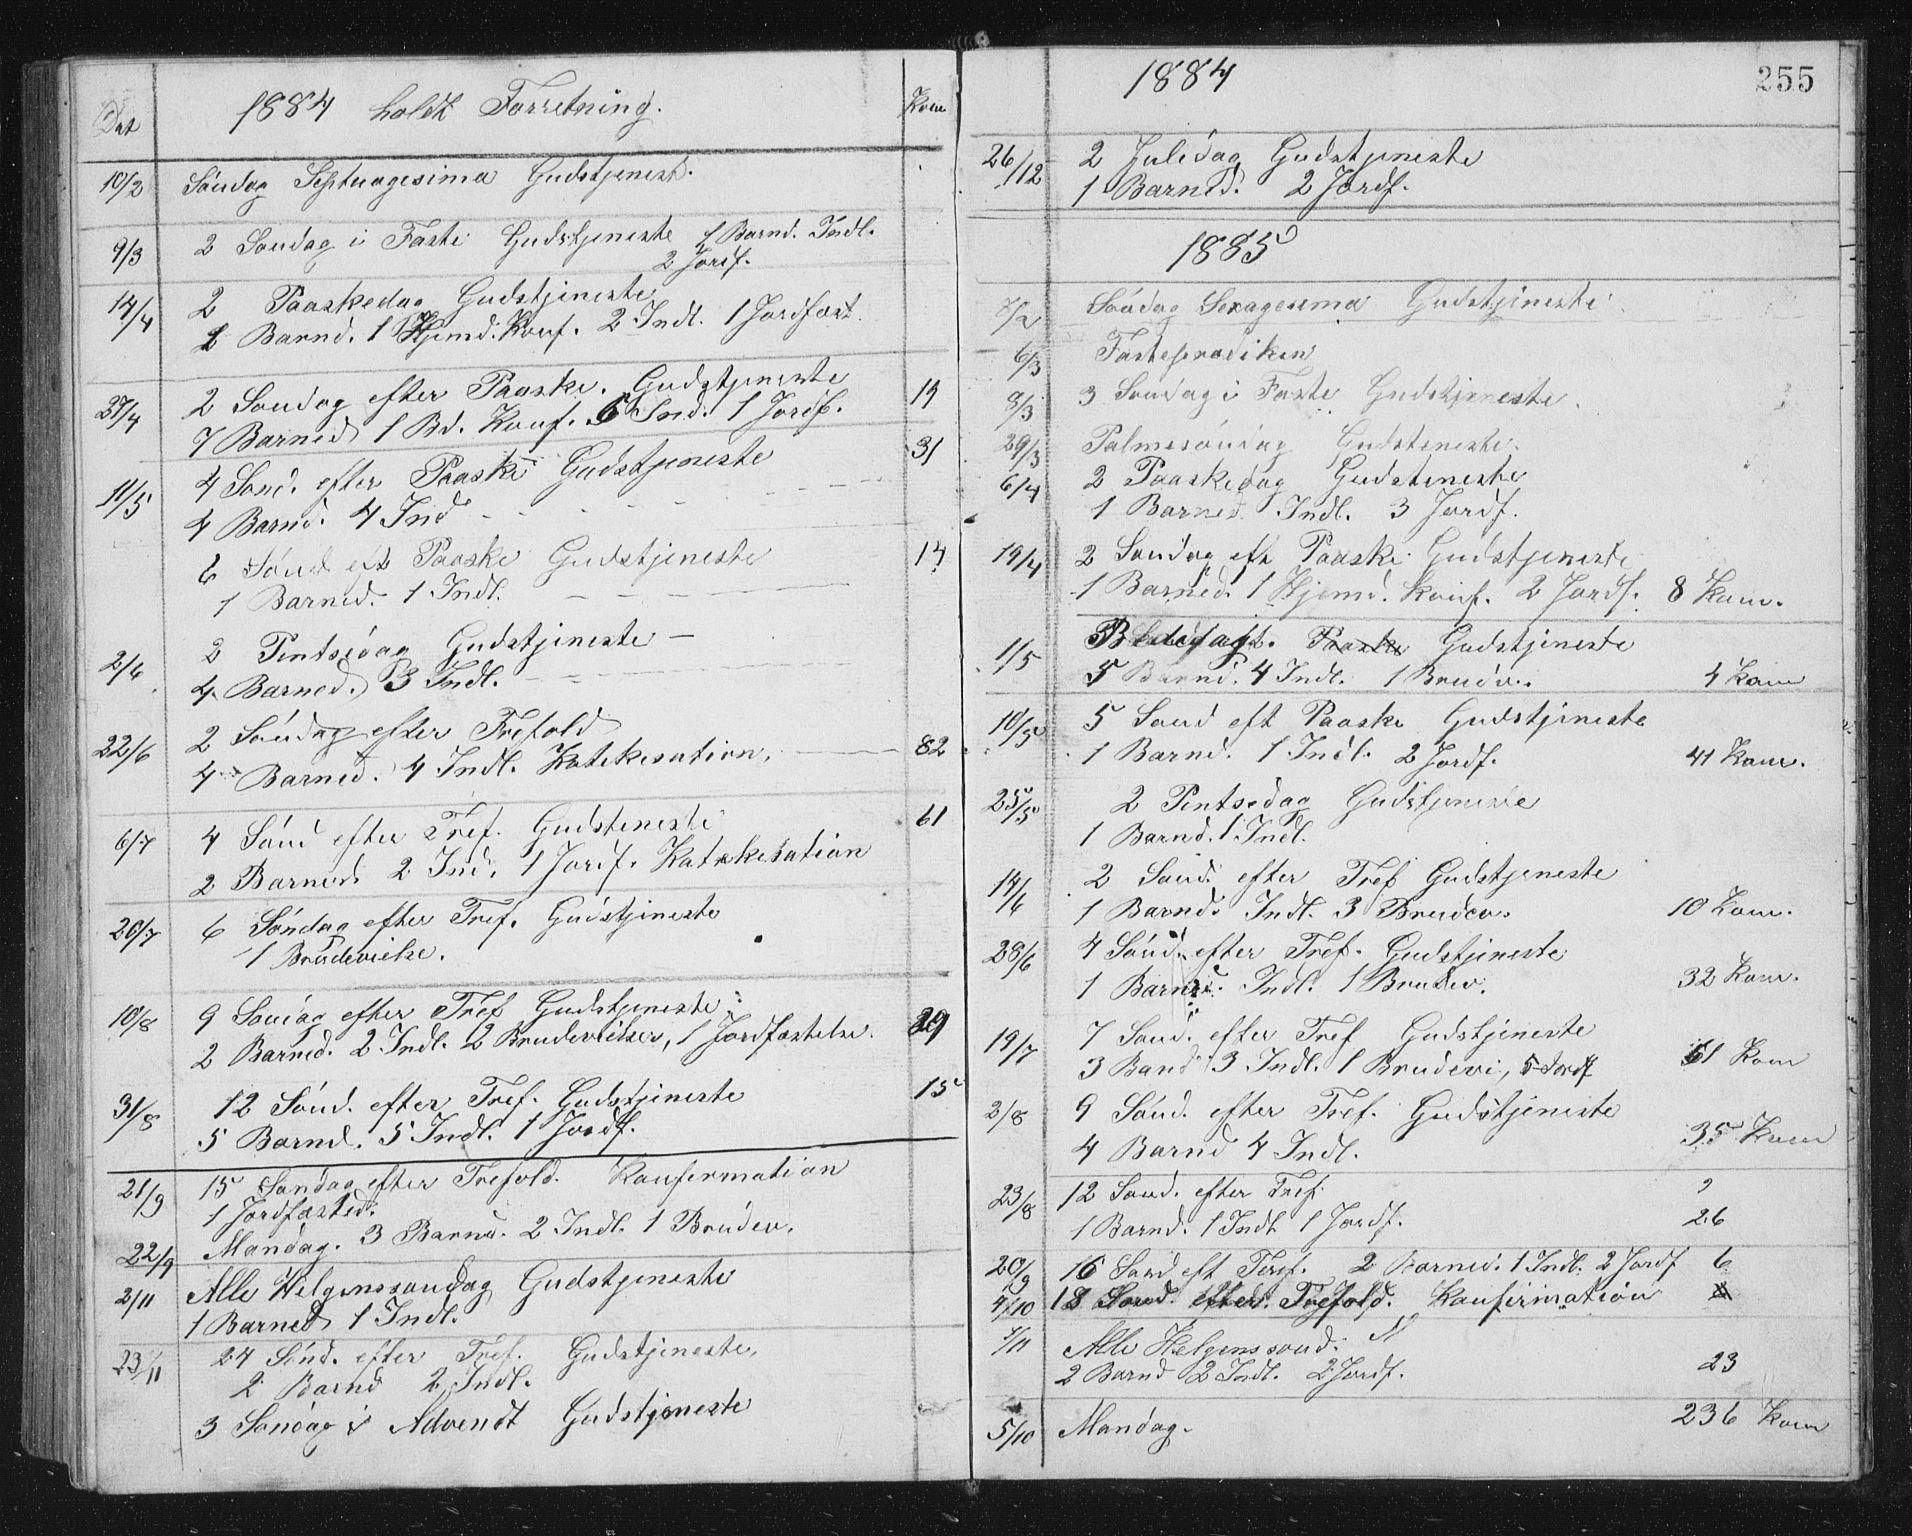 SAT, Ministerialprotokoller, klokkerbøker og fødselsregistre - Sør-Trøndelag, 662/L0756: Klokkerbok nr. 662C01, 1869-1891, s. 255